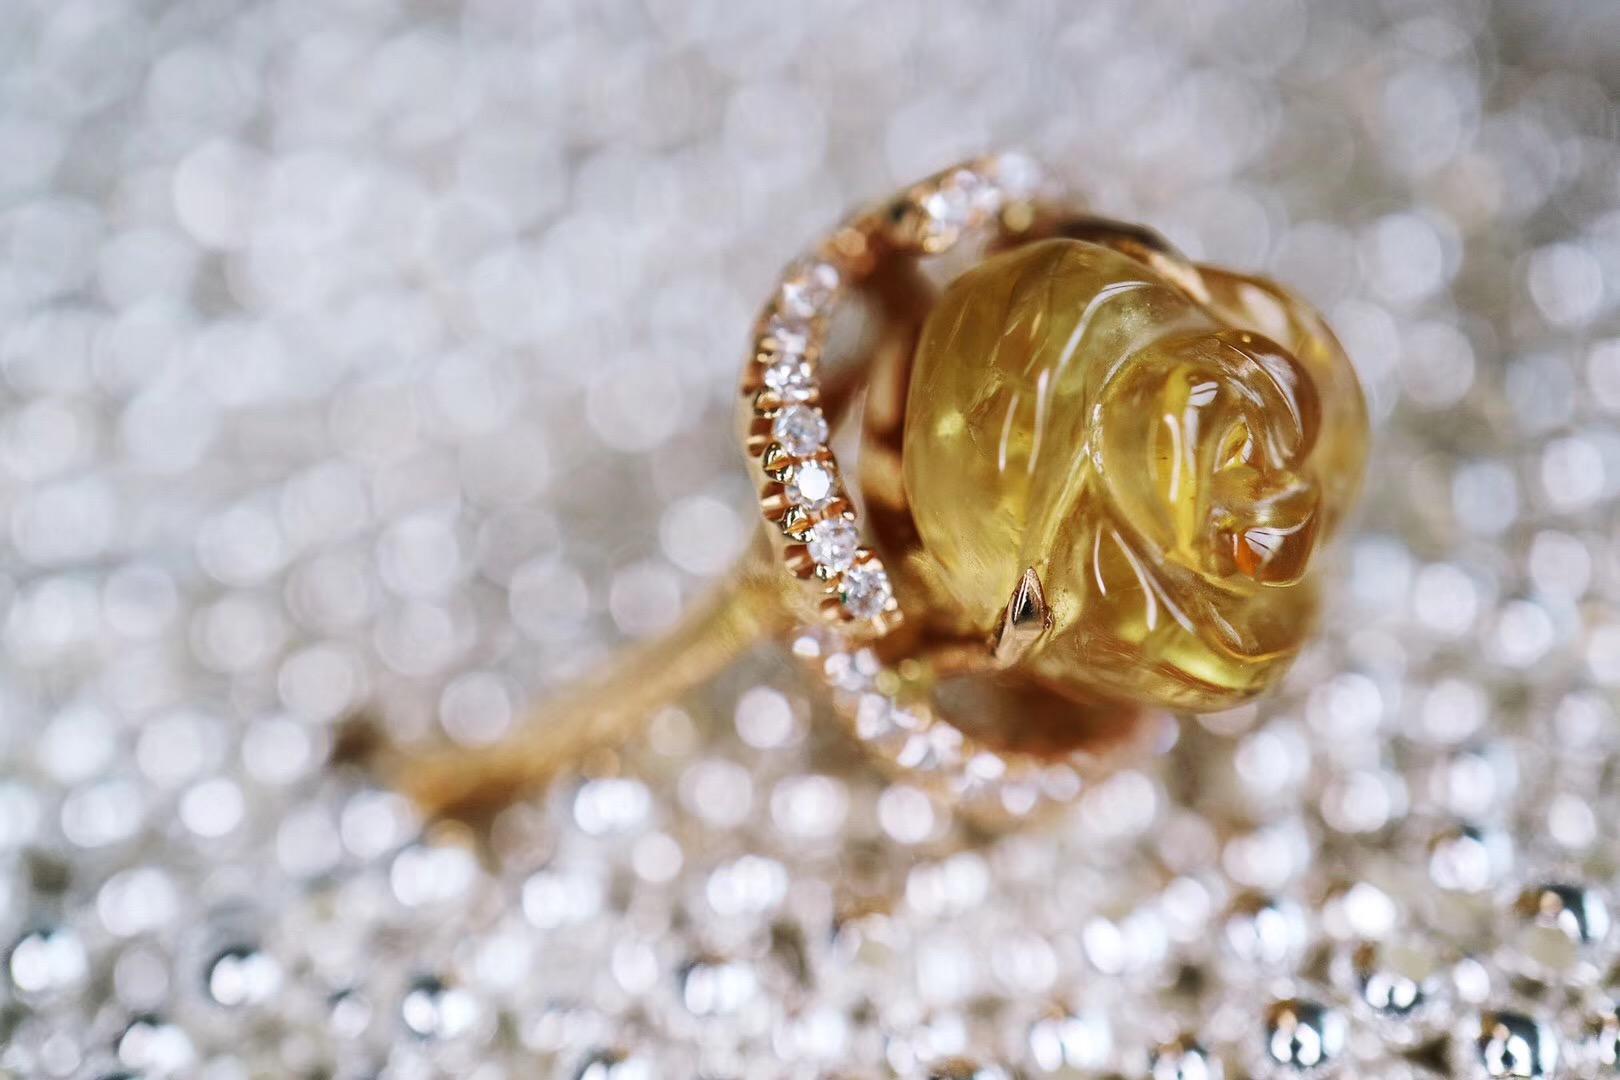 【菩心-碧玺&花花】两枚碧玺小花花戒指,美人速速拿下-菩心晶舍